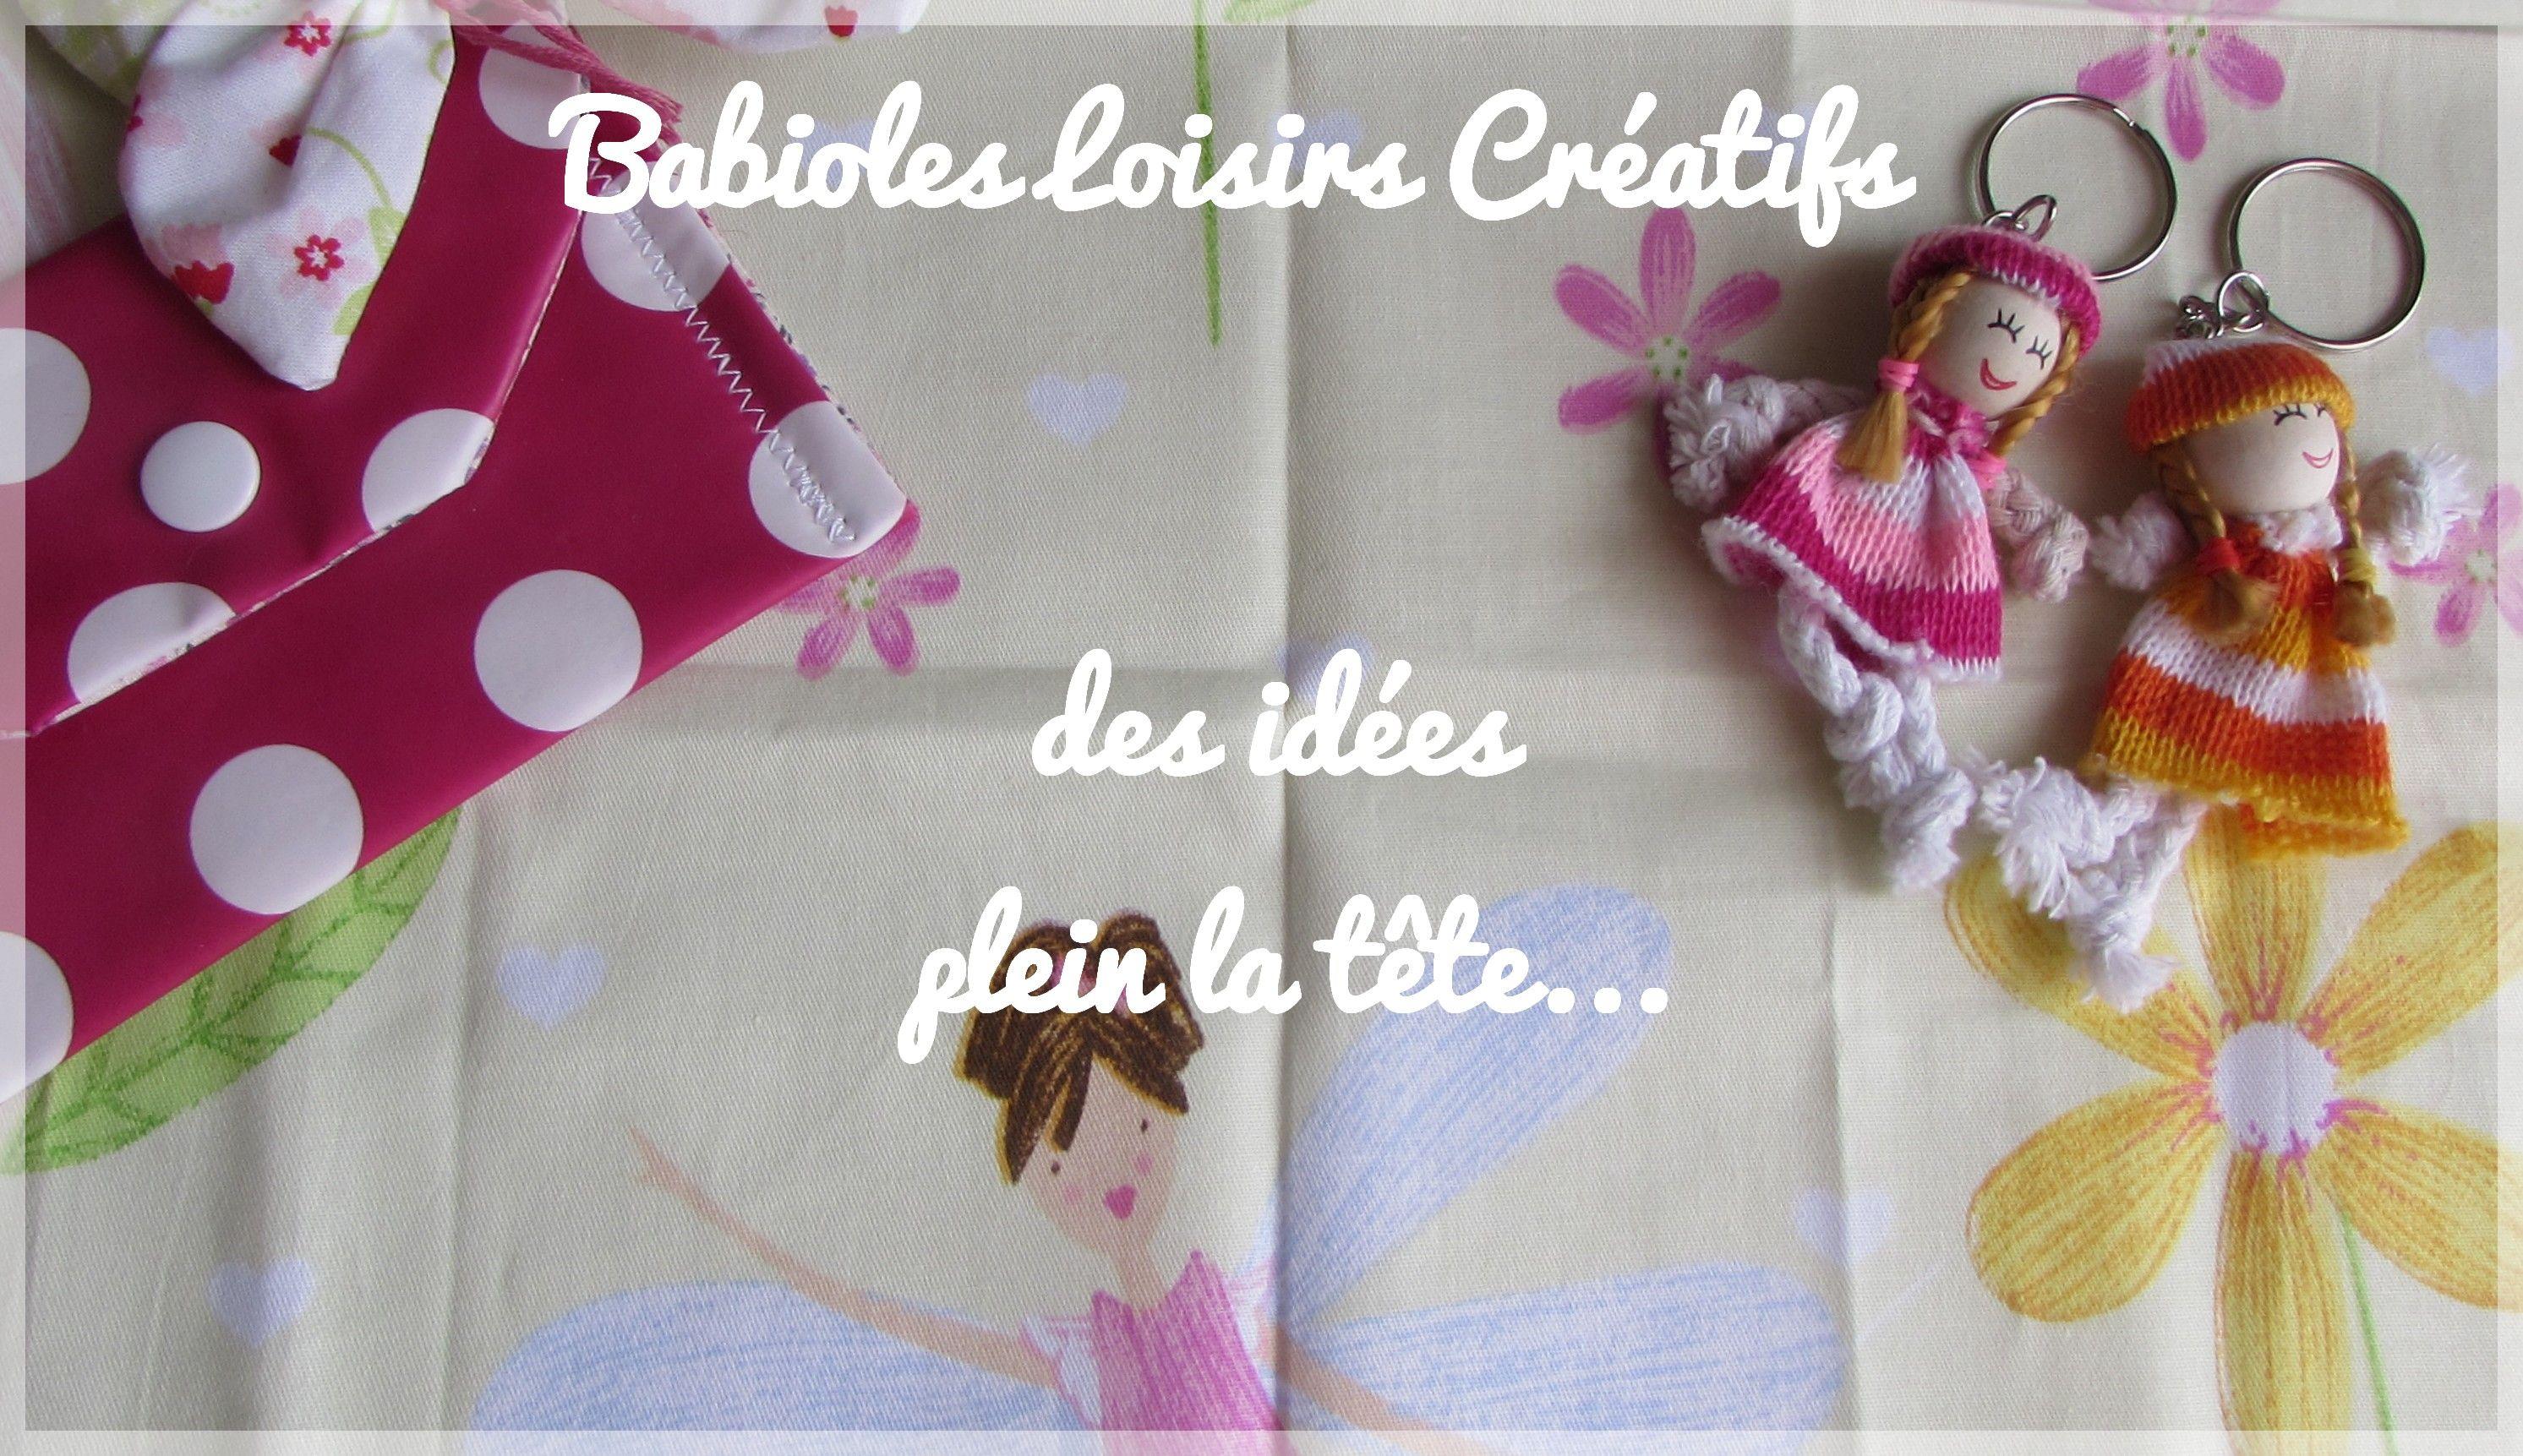 Vente de produits de loisirs créatif: couture, mercerie, accessoires et moules fimo, tricot, crochet, accessoires pour fabriquer vos barrettes ou bandeau...